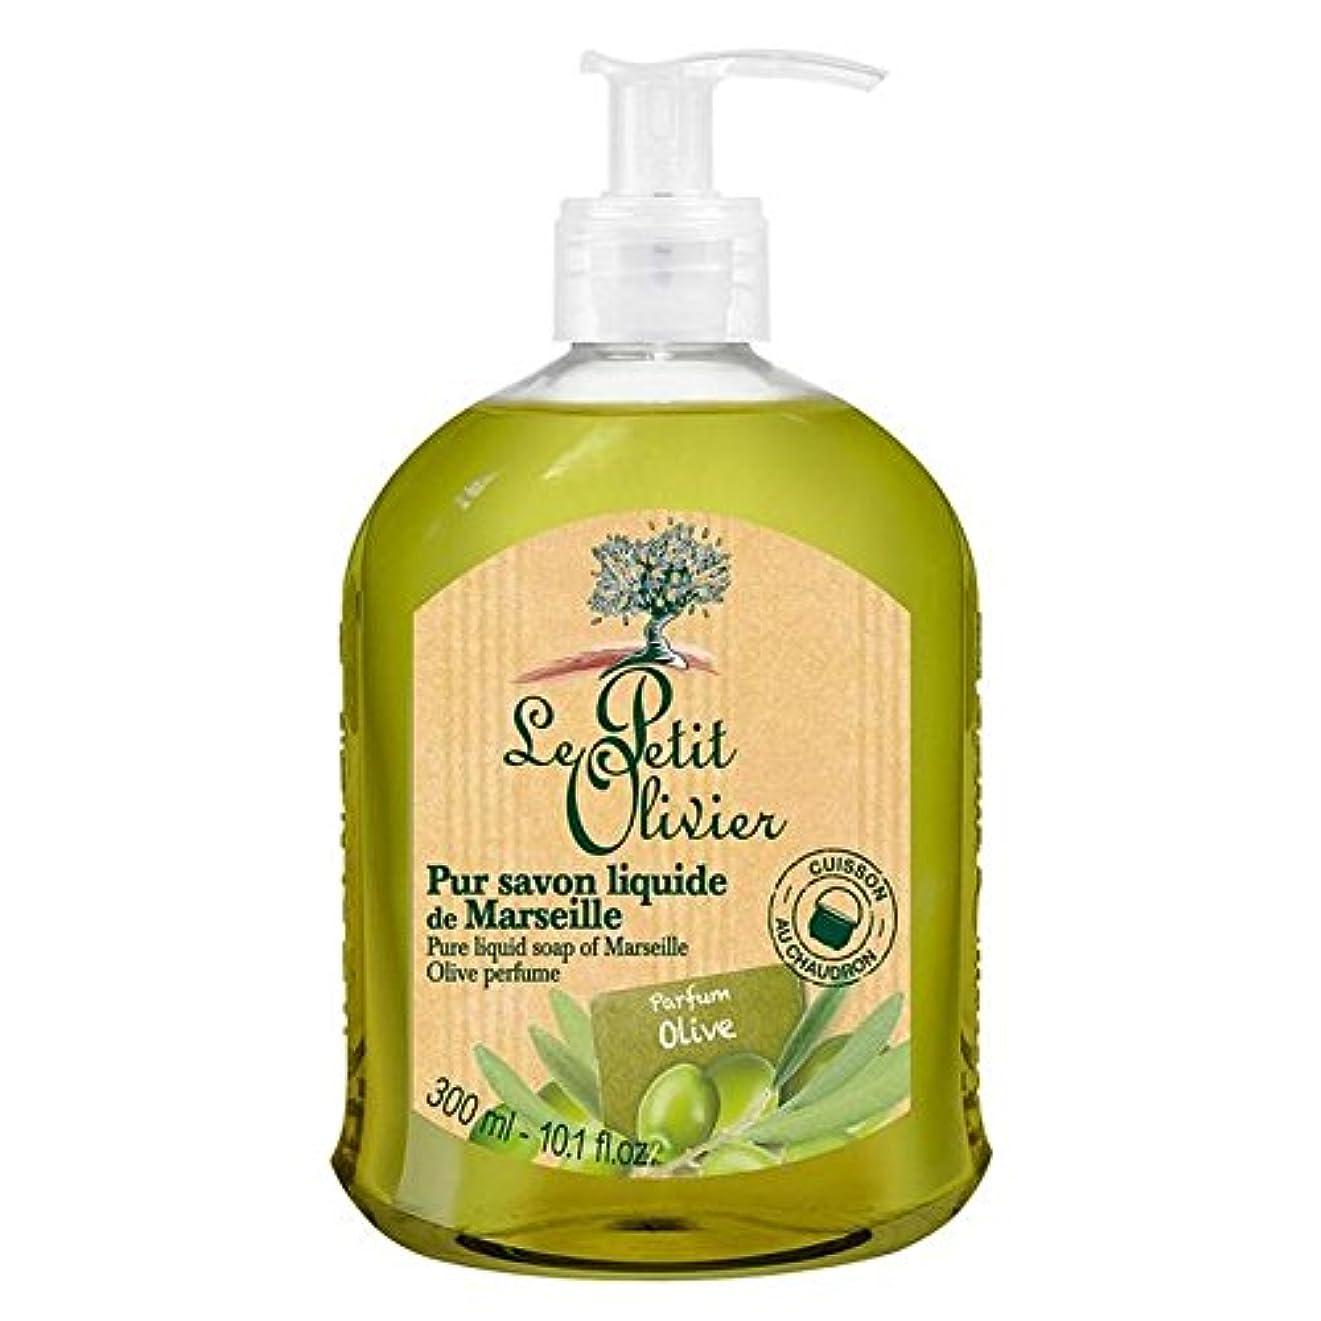 有名人脈拍丘Le Petit Olivier Pure Liquid Soap of Marseille, Olive Oil 300ml - マルセイユのル?プティ?オリヴィエ純粋な液体石鹸、オリーブオイル300ミリリットル [並行輸入品]